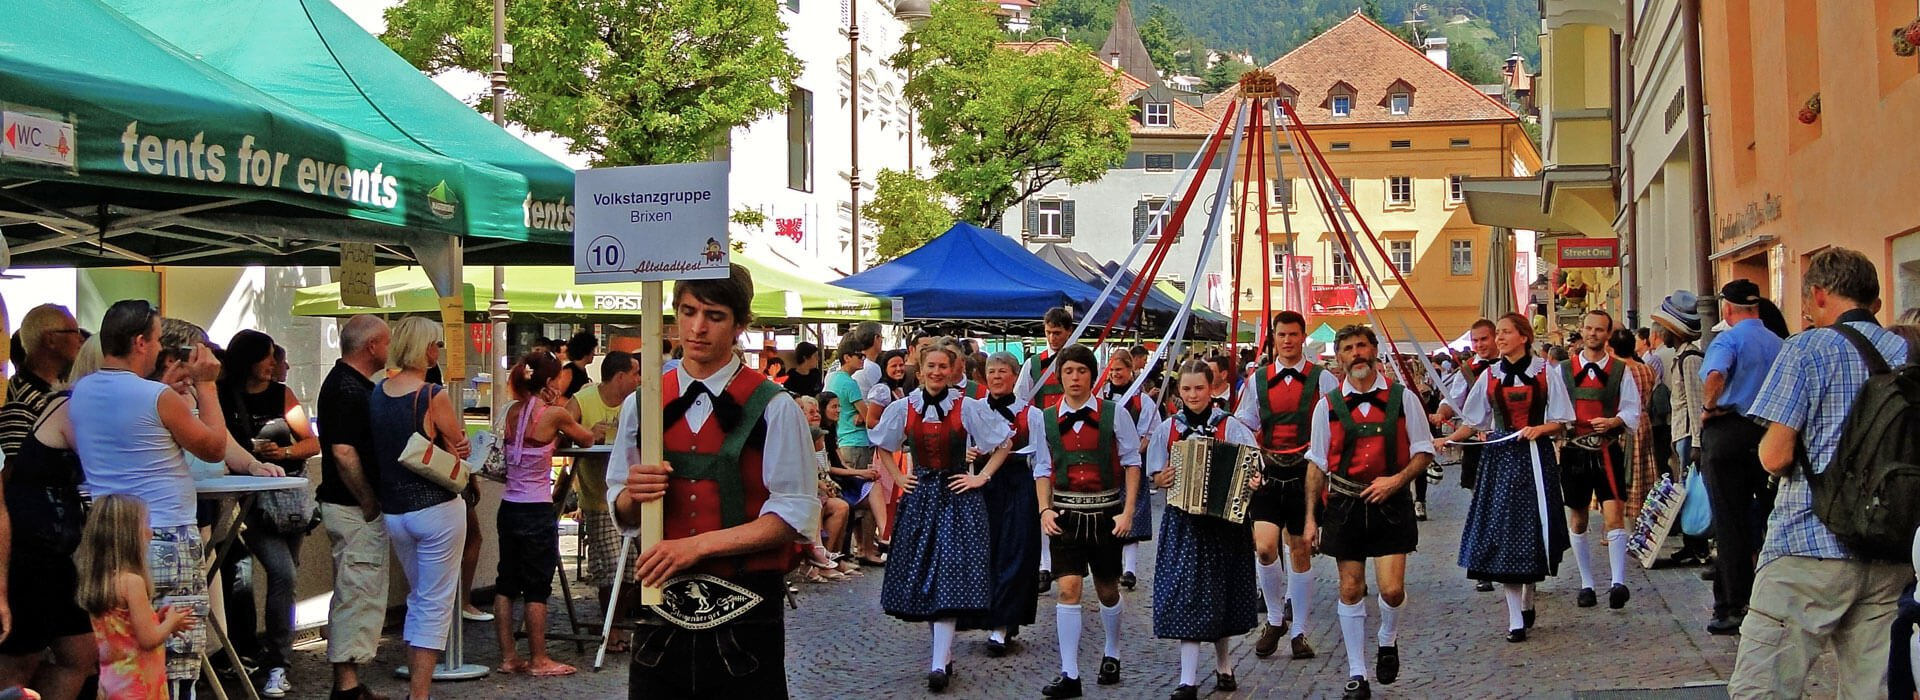 brixen-altstadtfest